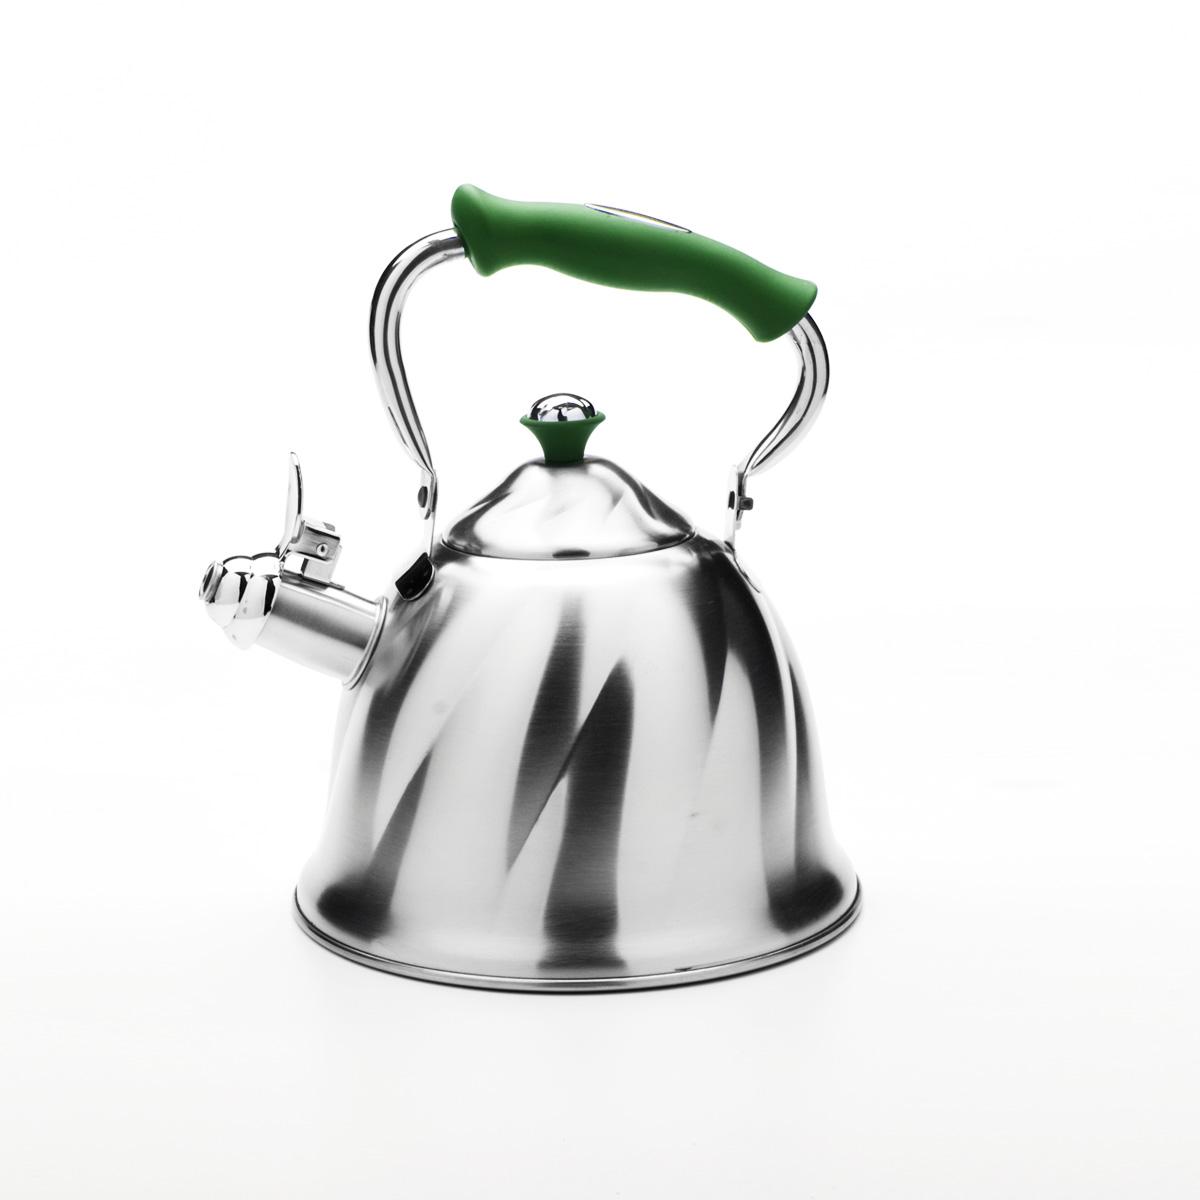 Чайник Mayer & Boch со свистком, цвет: зеленый, 3 л. 2377523775Чайник Mayer & Boch выполнен из высококачественной нержавеющей стали, что обеспечивает долговечность использования. Внешнее матовоепокрытие придает приятный внешний вид. Фиксированная ручка из бакелита делает использование чайника очень удобным и безопасным. Чайник снабжен свистком и устройством для открывания носика. Можно мыть в посудомоечной машине. Пригоден для всех видов плит, кроме индукционных. Высота чайника (без учета крышки и ручки): 13 см.Диаметр основания: 21 см.